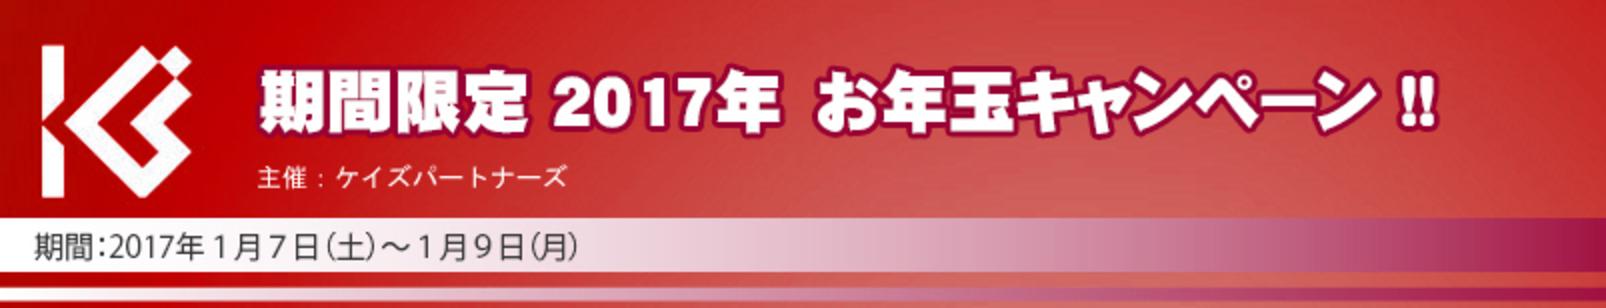 2017お年玉キャンペーン